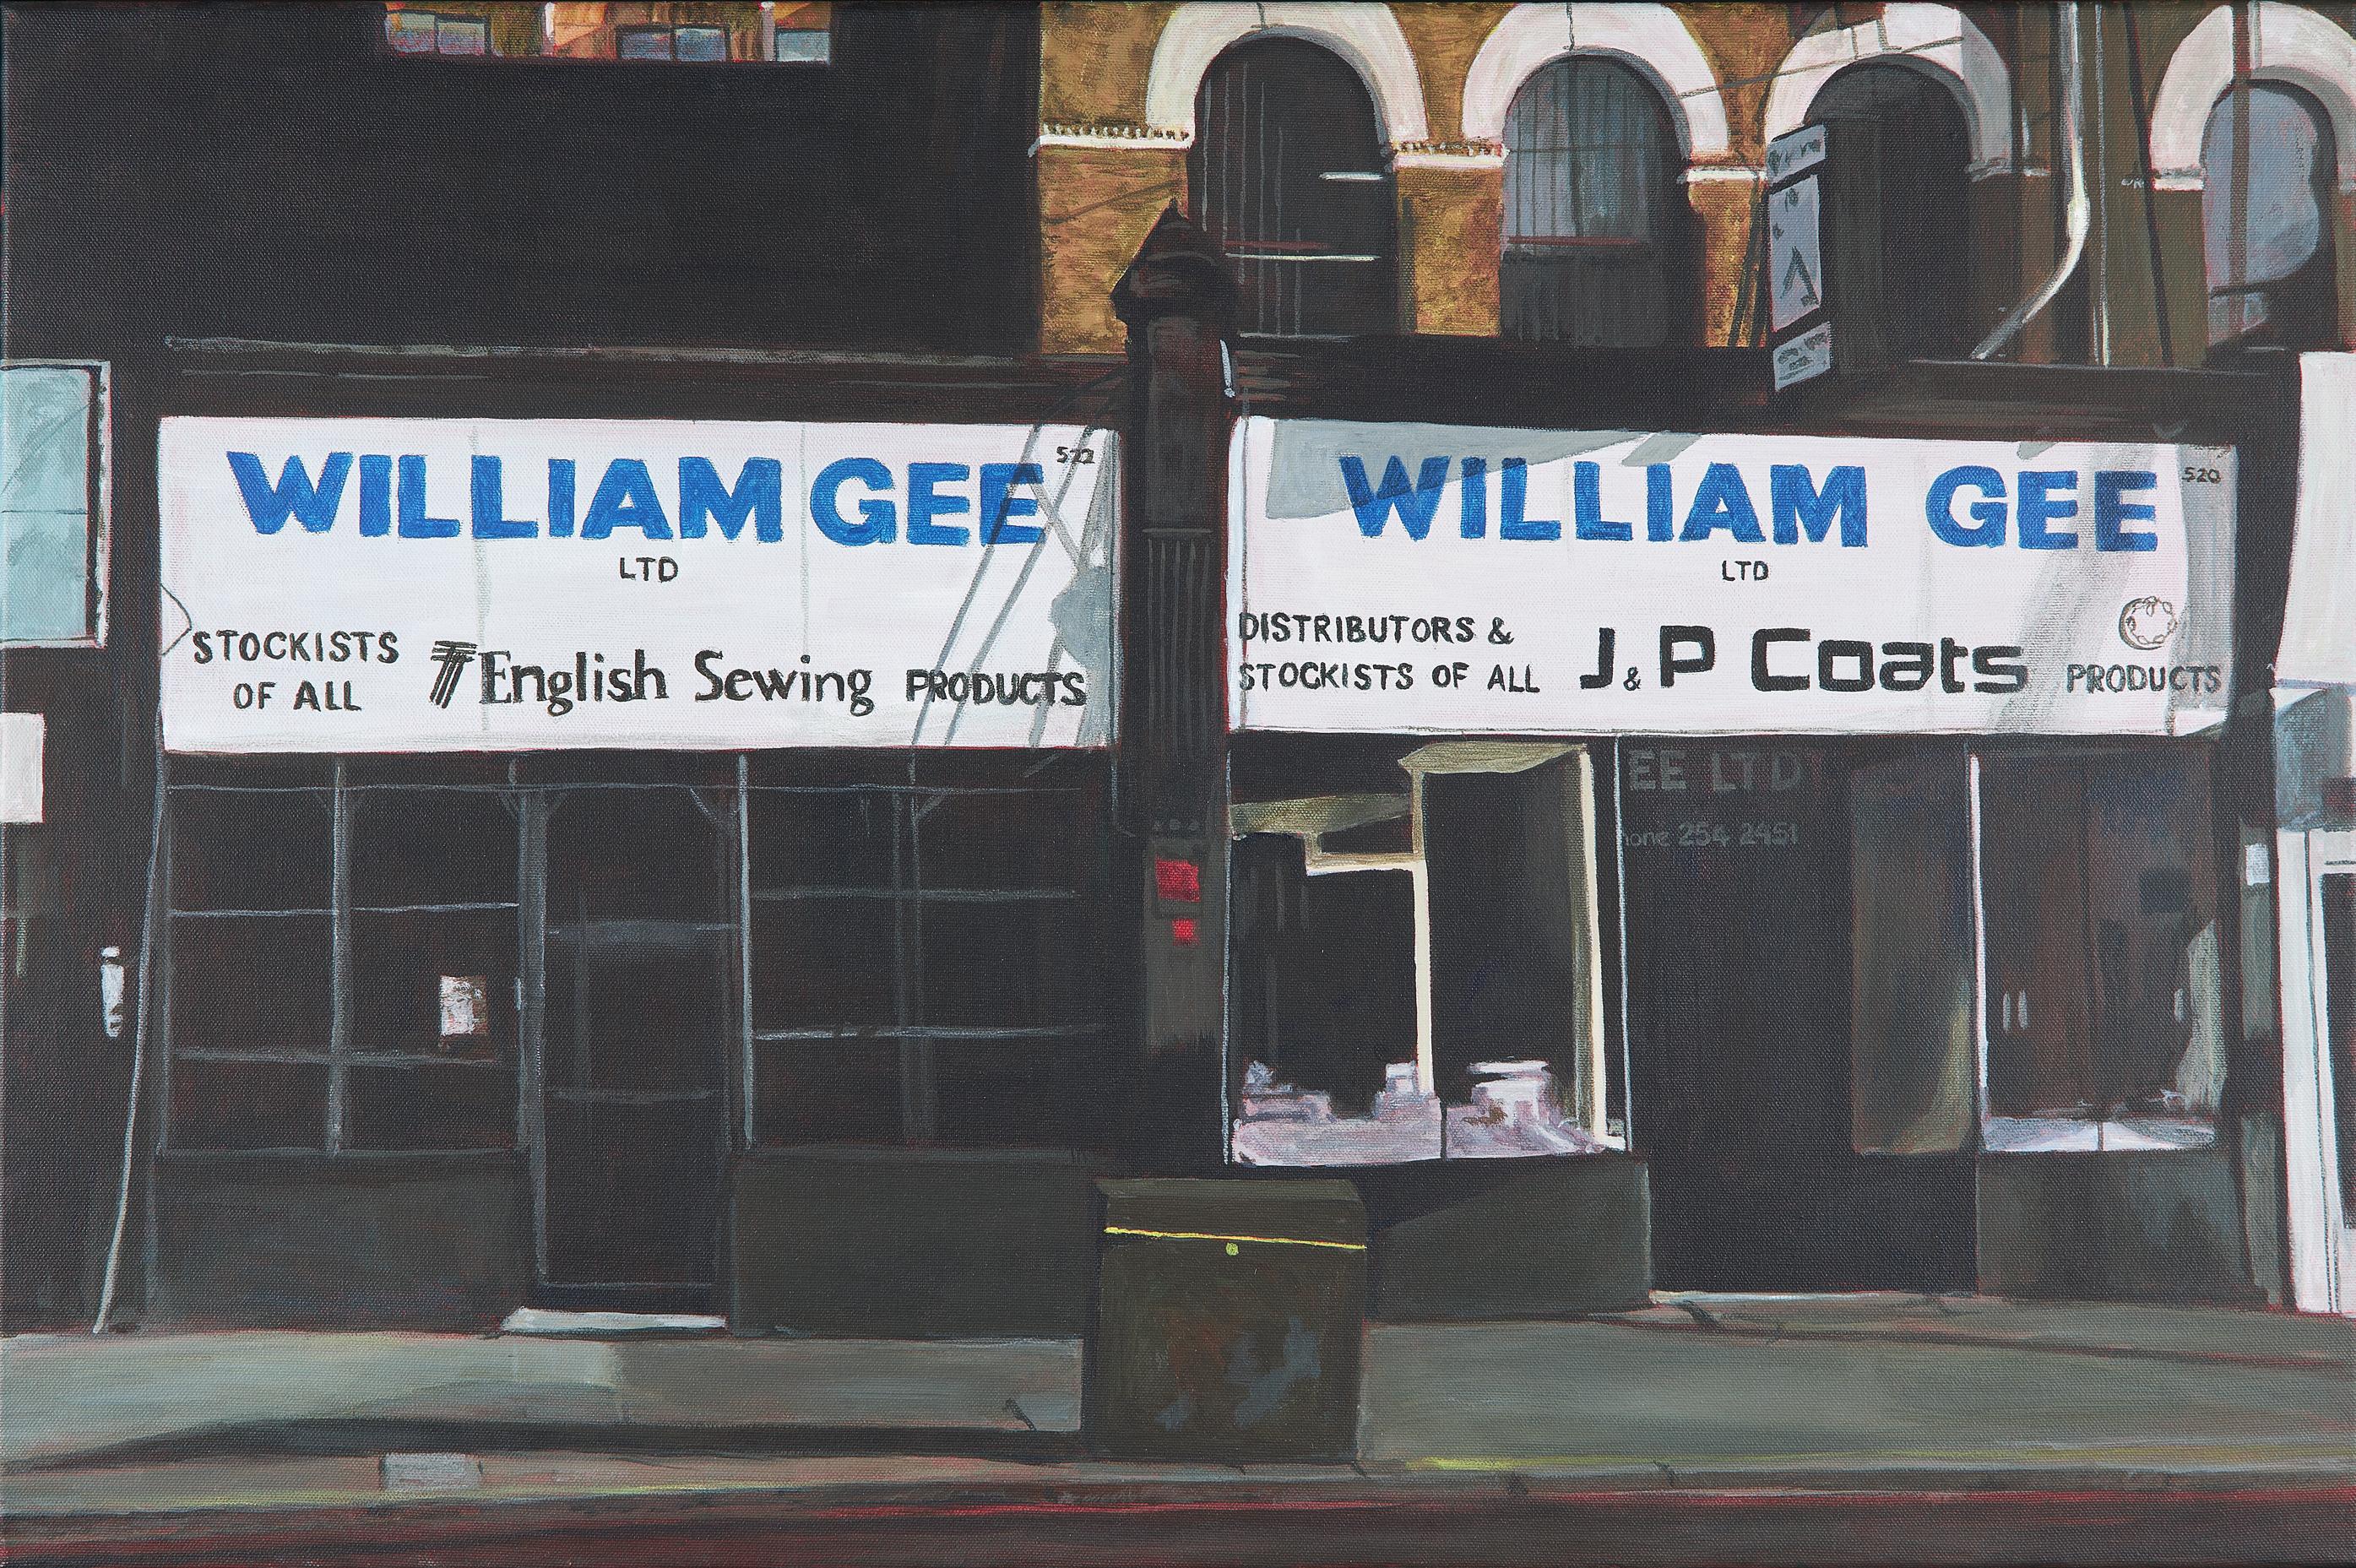 William Gee